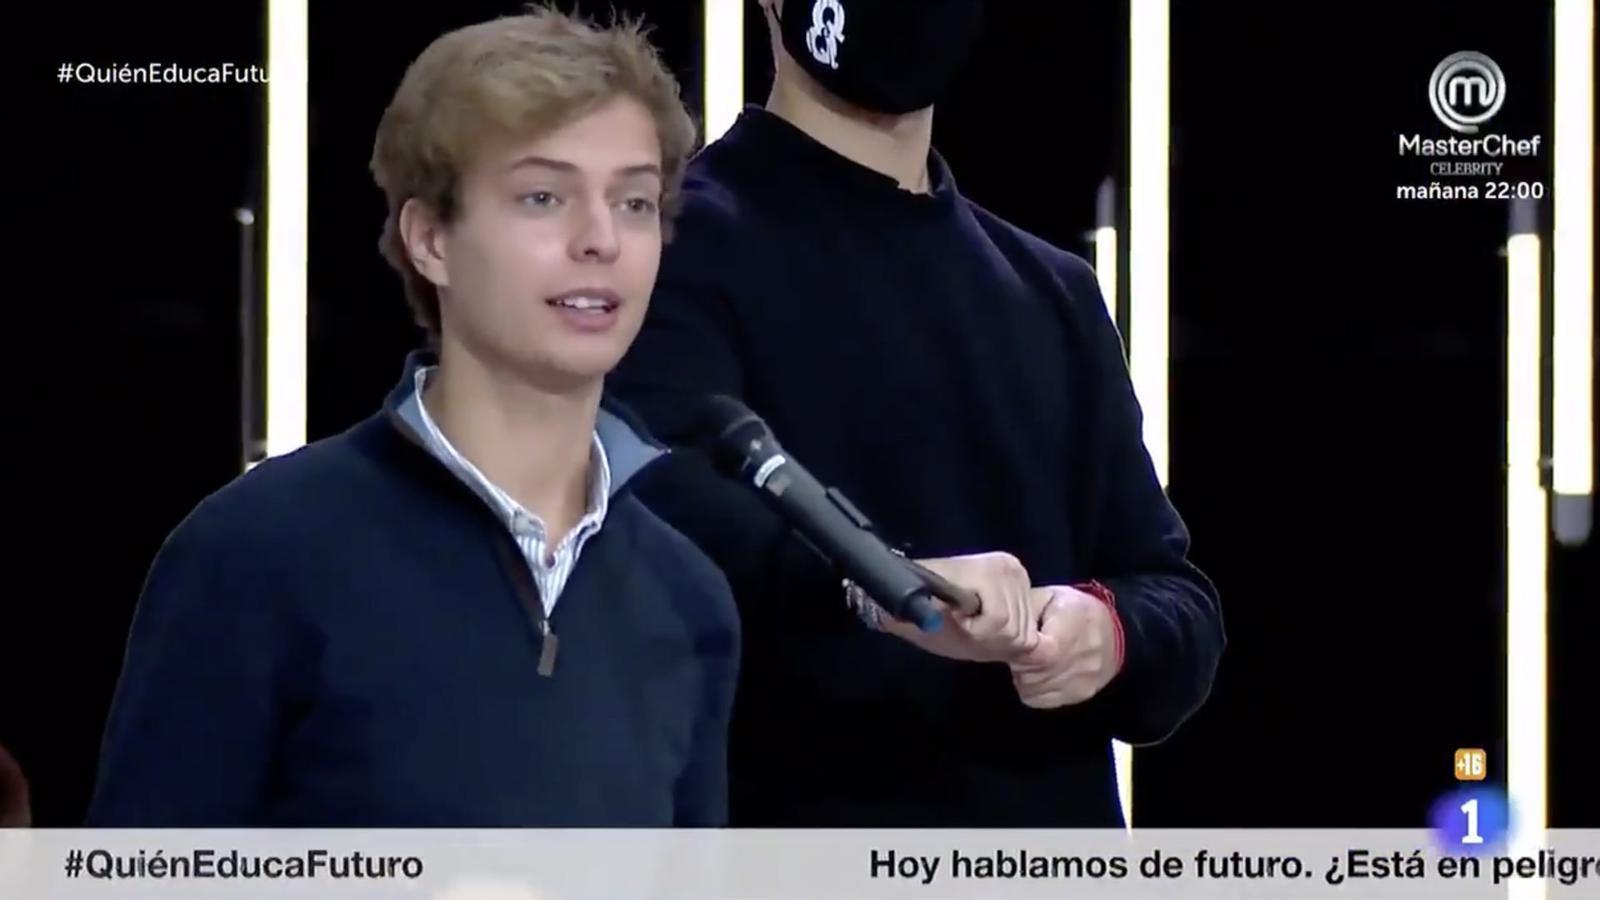 L'anàlisi d'Antoni Bassas: Si entres en una botiga i parles castellà no t'atenen